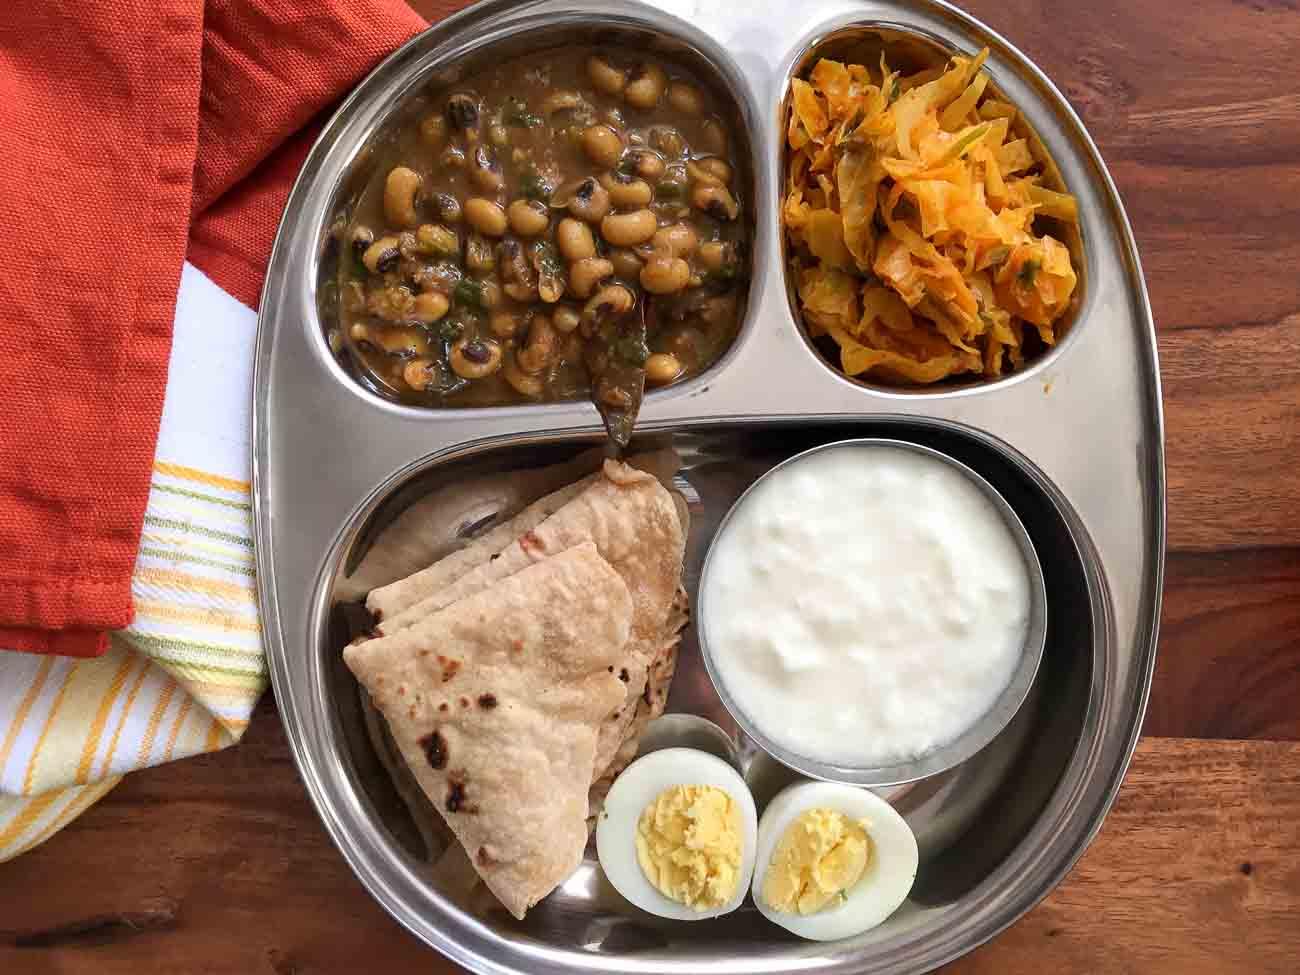 سحور صحي لشهر رمضان